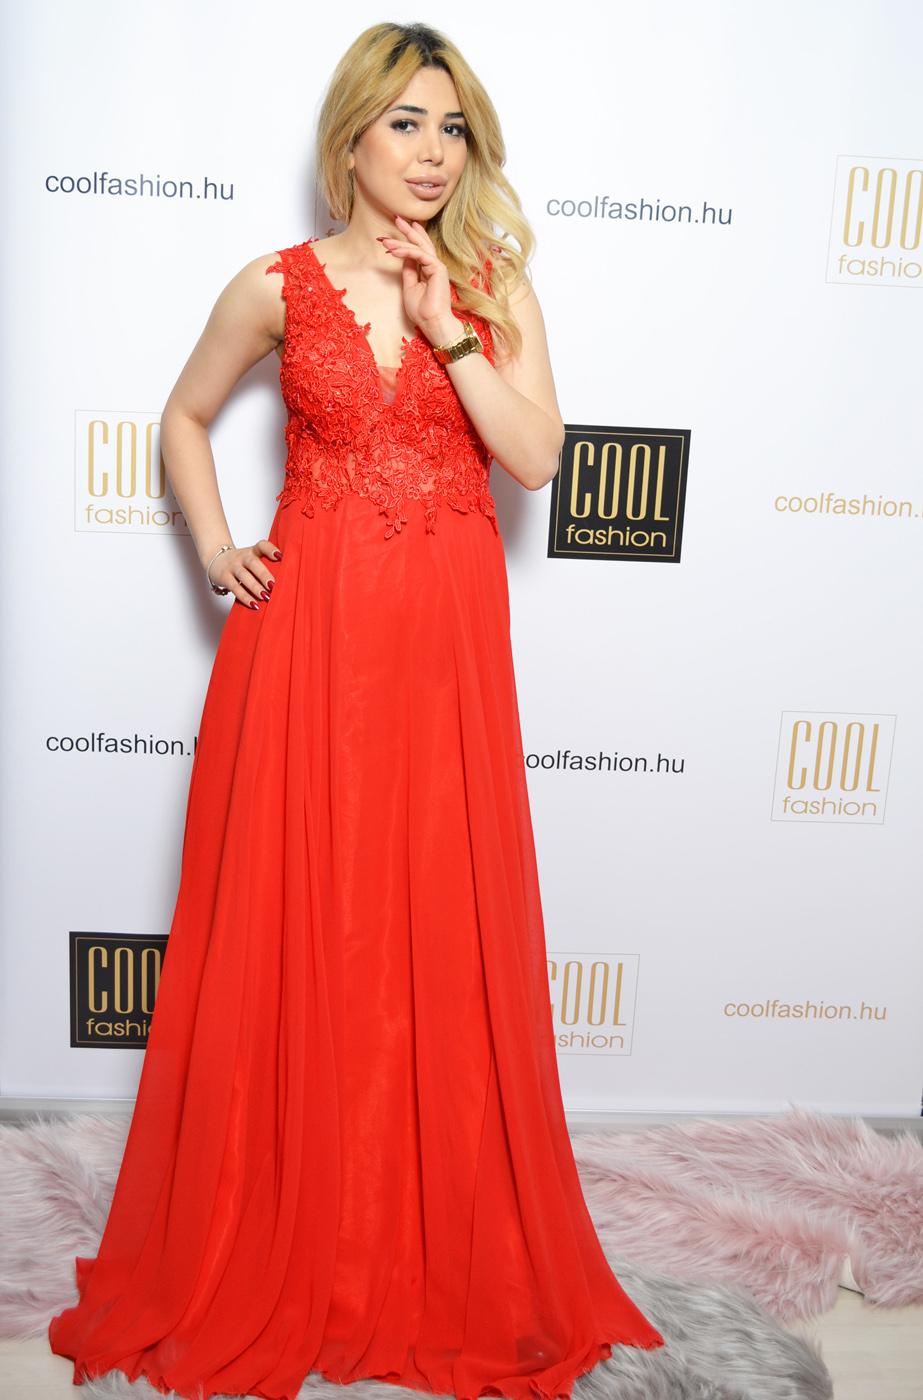 961aef6016 Csipkés gyöngyös piros muszlin maxi ruha - Cool Fashion